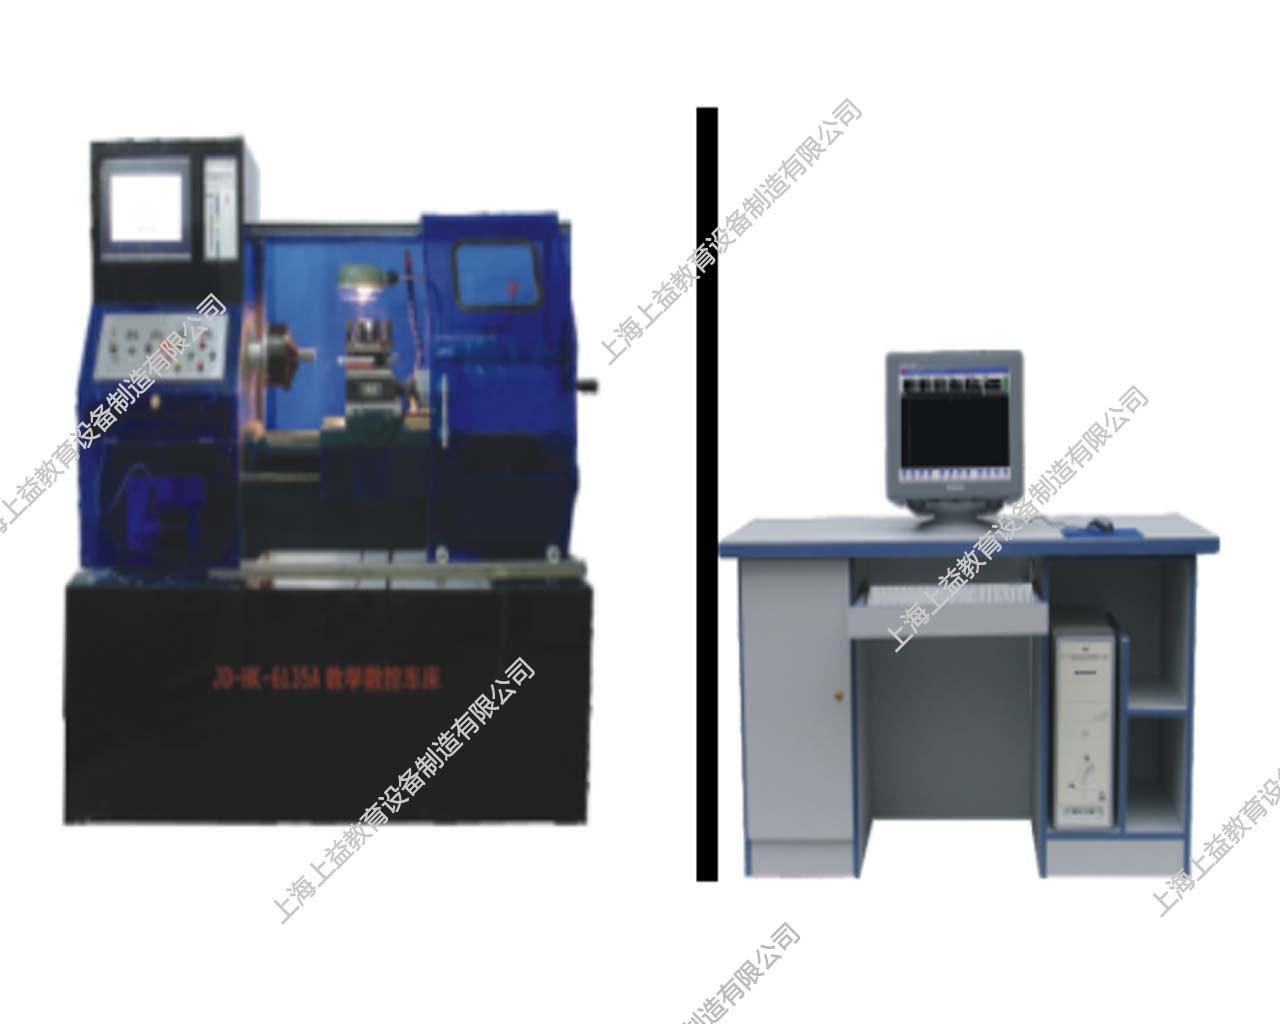 SYSKT-6135A数控车床(计算机控制)